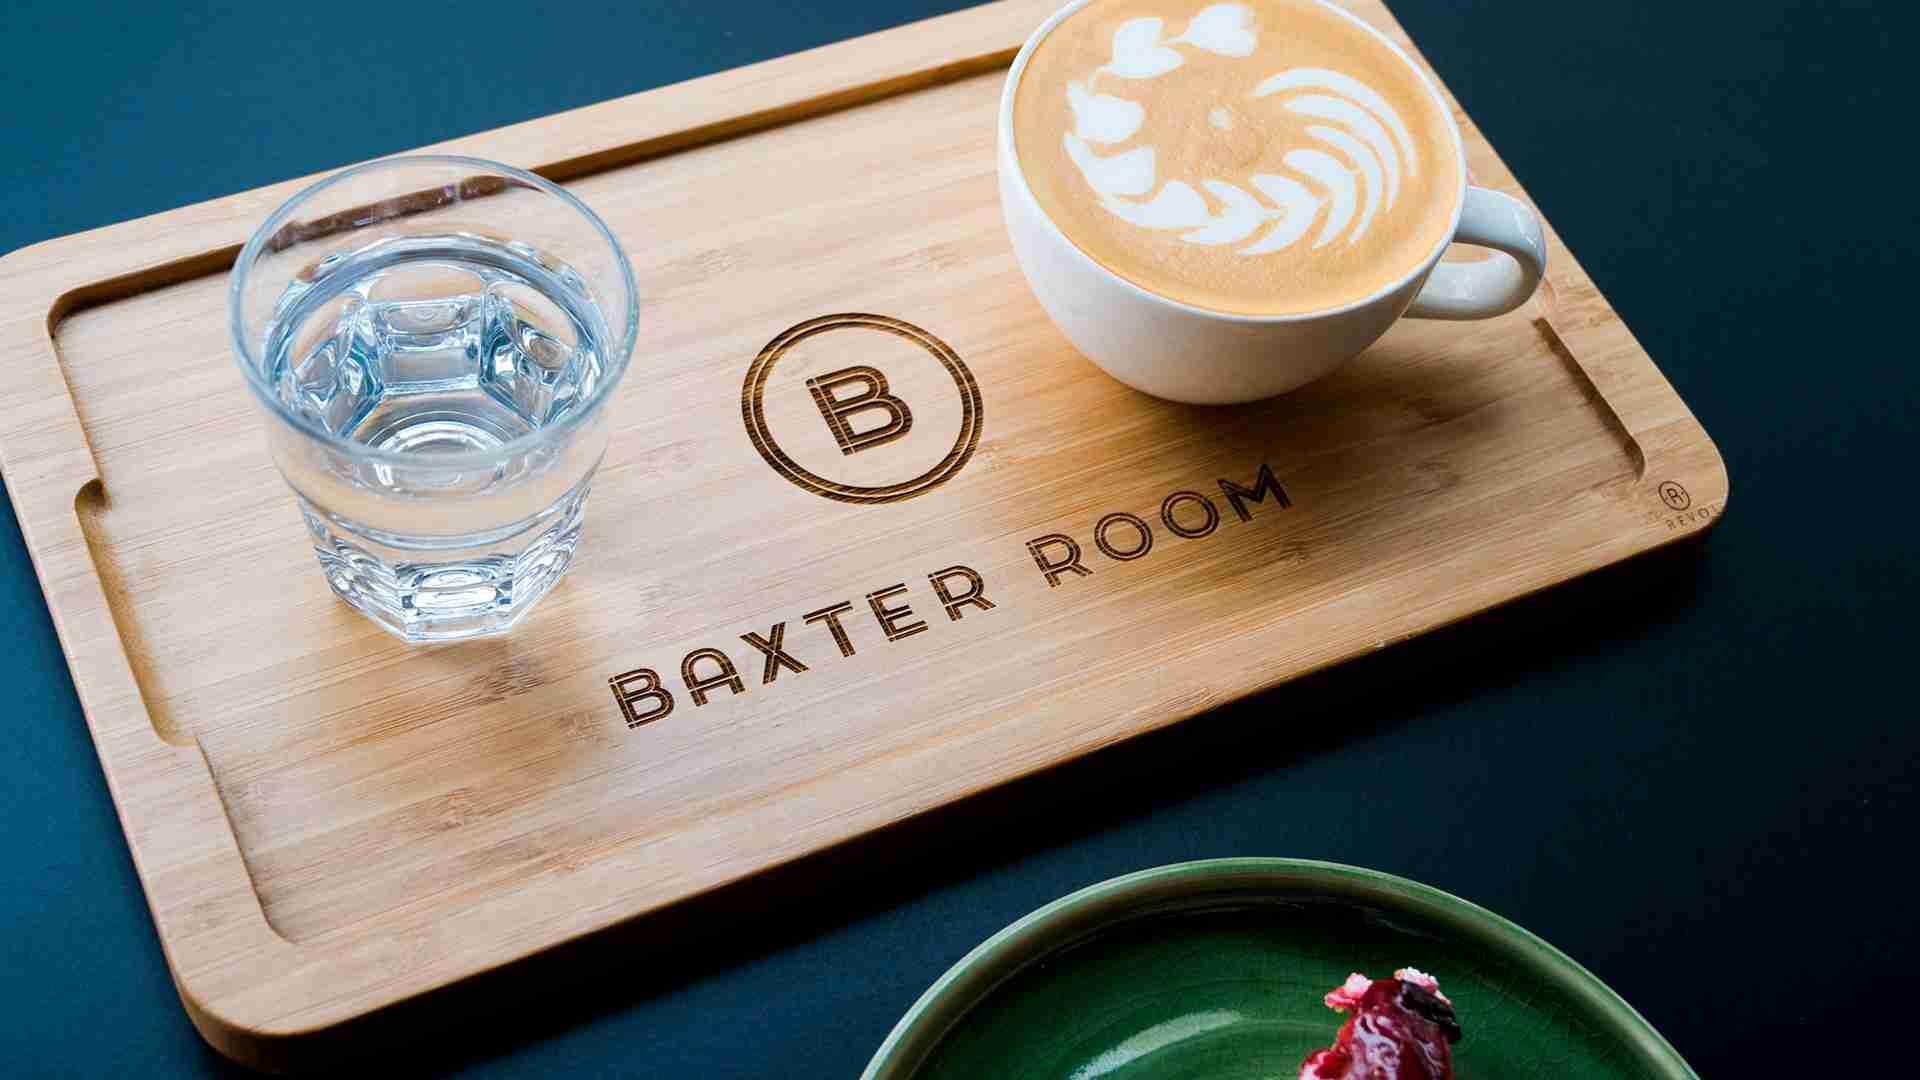 Baxter Room Polanco, excelencia en café y té.